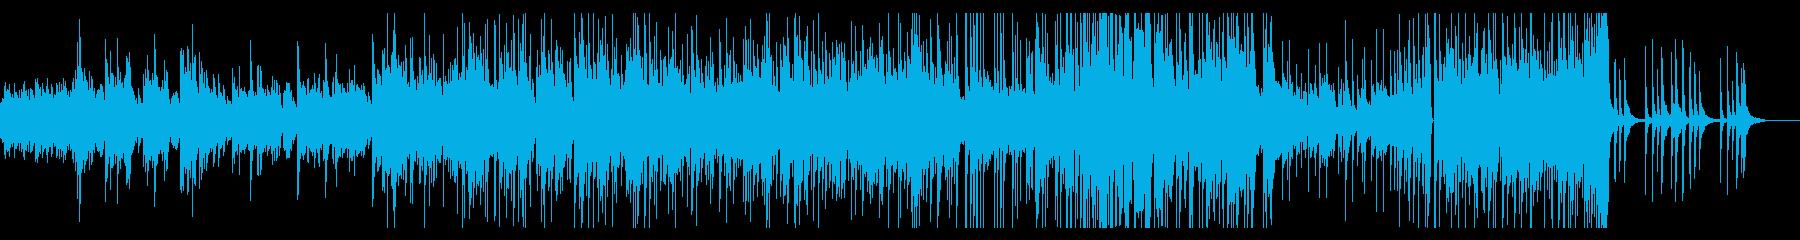 ゆったりアコースティックなピアノインストの再生済みの波形